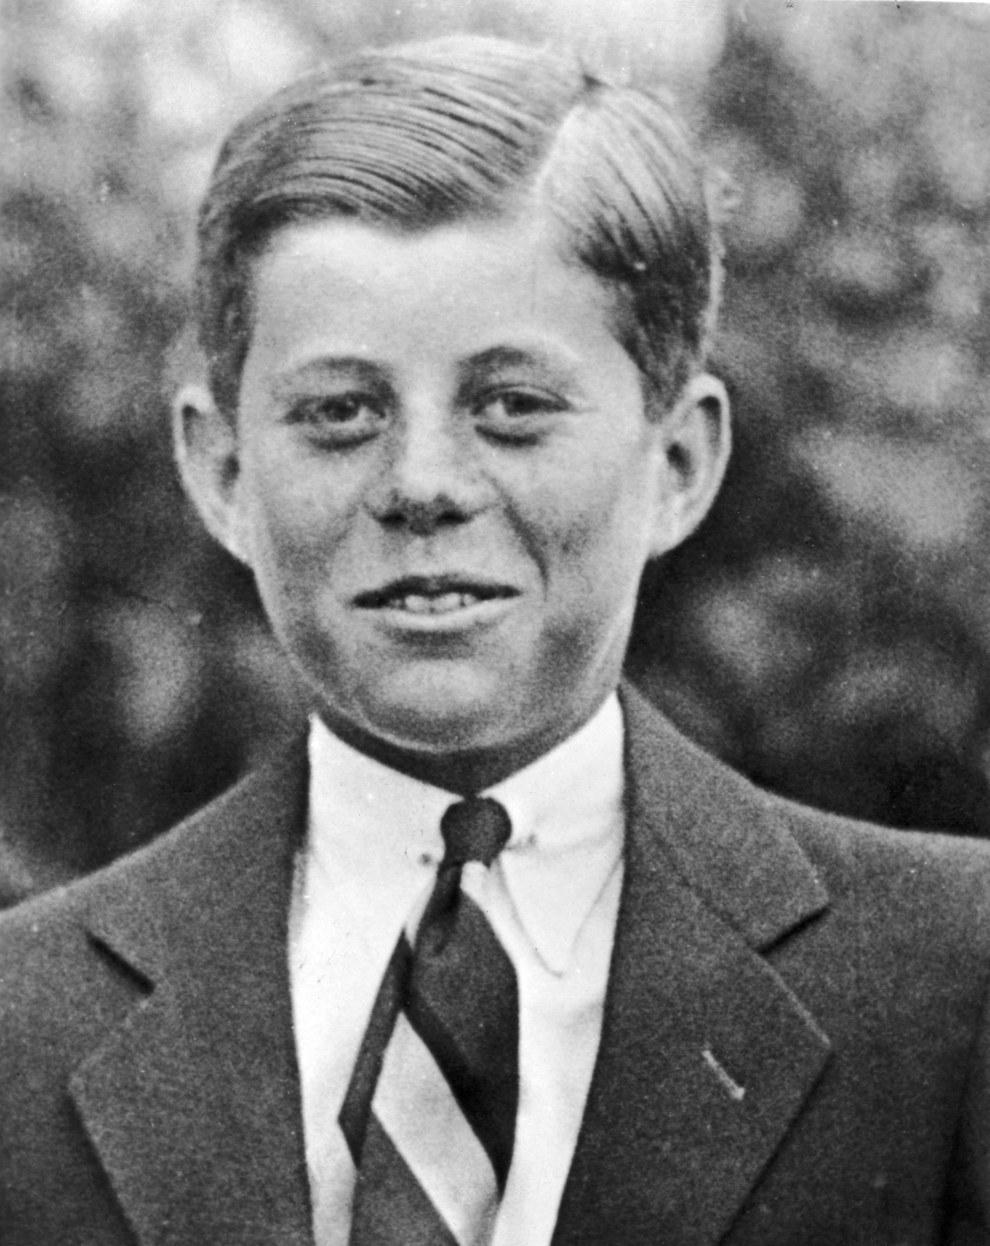 Джон Ф. Кеннеди - 35-президент США